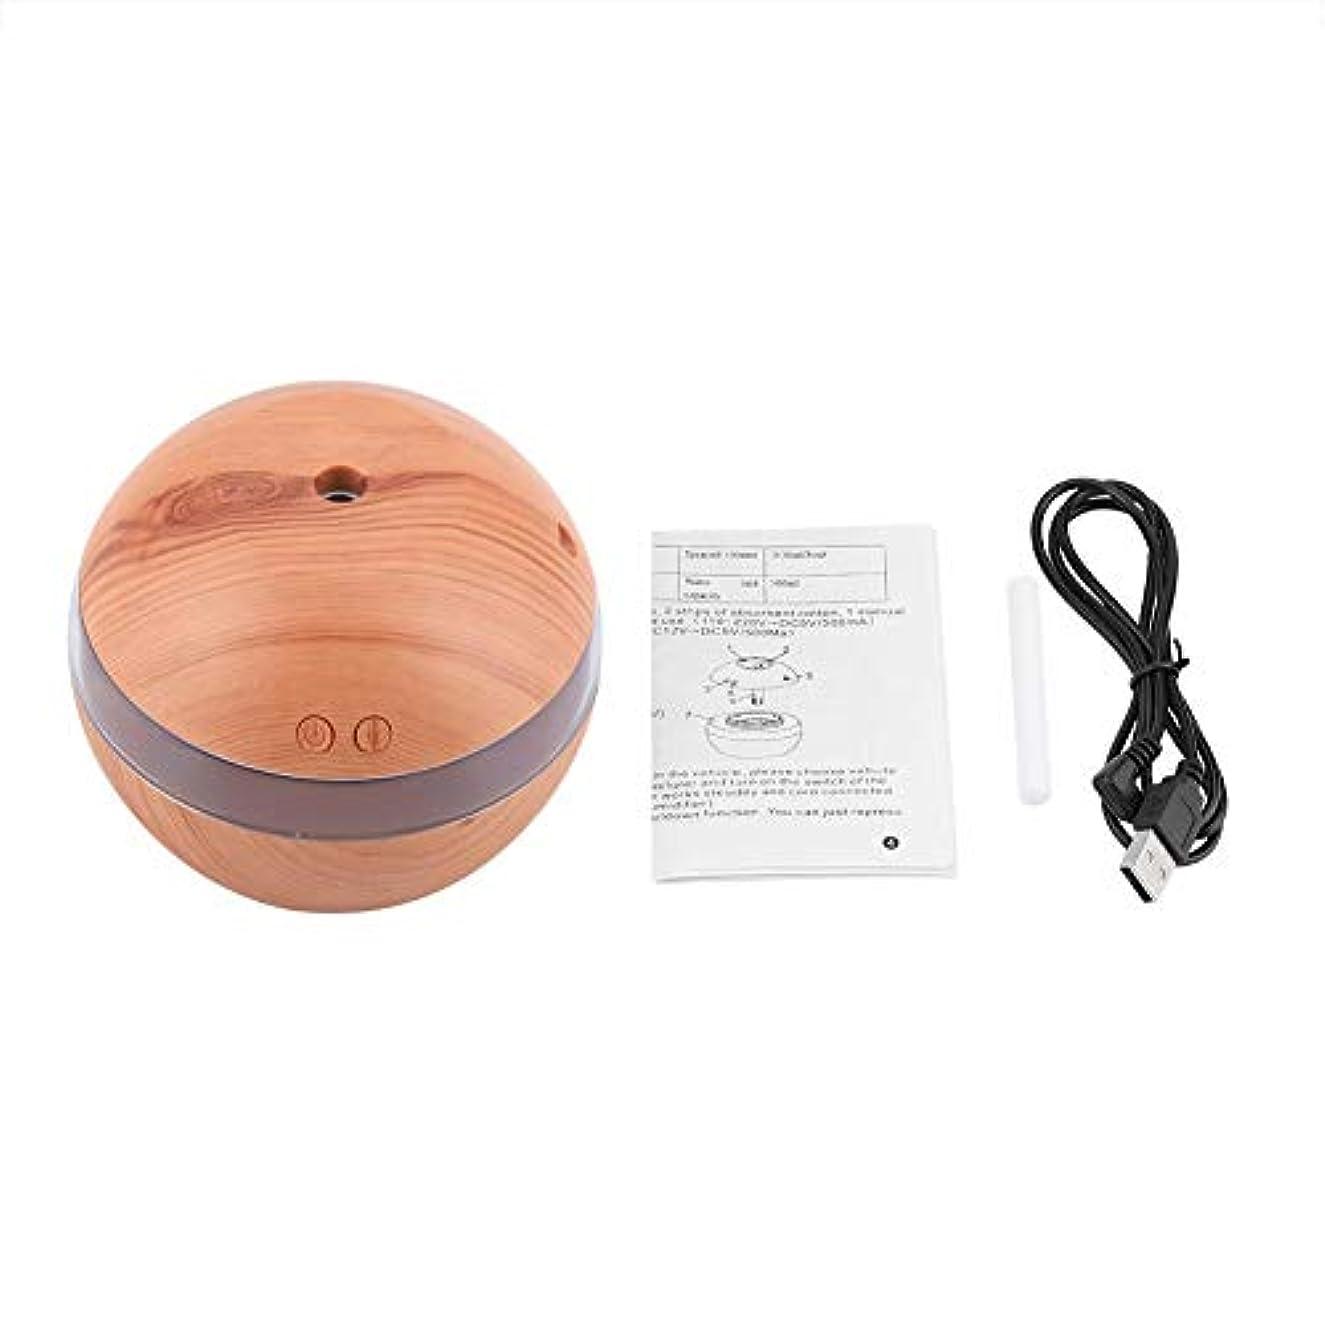 衣服キャプテン王族木製加湿器ディフューザー、300ml USBスーパーライトアロマセラピーエッセンシャルオイルアロマディフューザー、LEDライト付き(軽い木製)